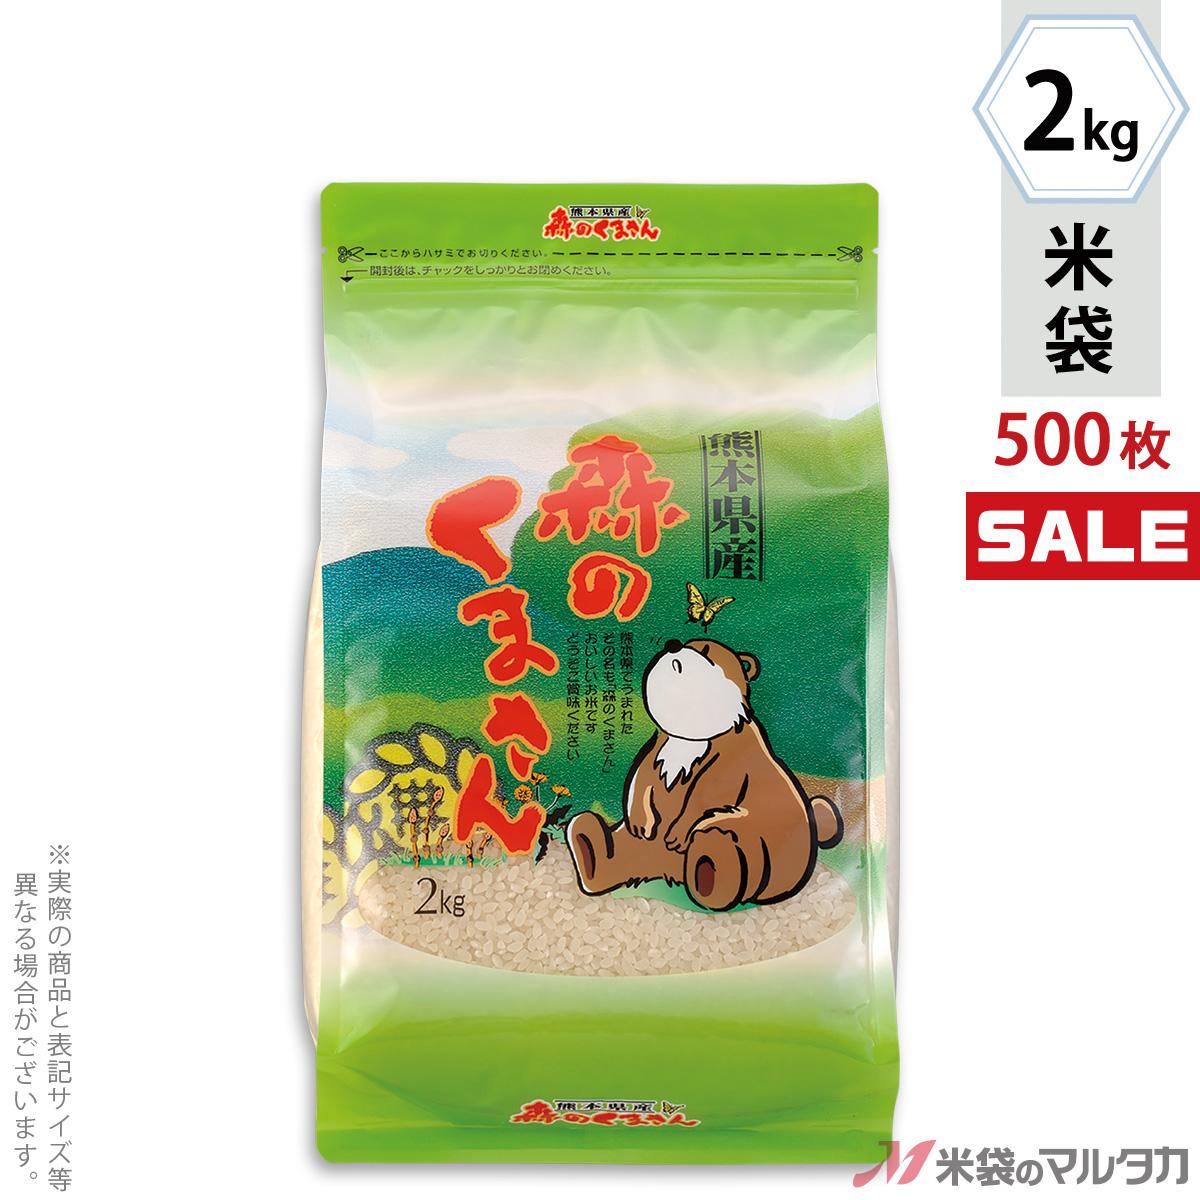 <キャンペーン対応>米袋 ラミ スマートチャック袋 熊本産森のくまさん おすわりくまさん 2kg 1ケース(500枚入) TS-0012